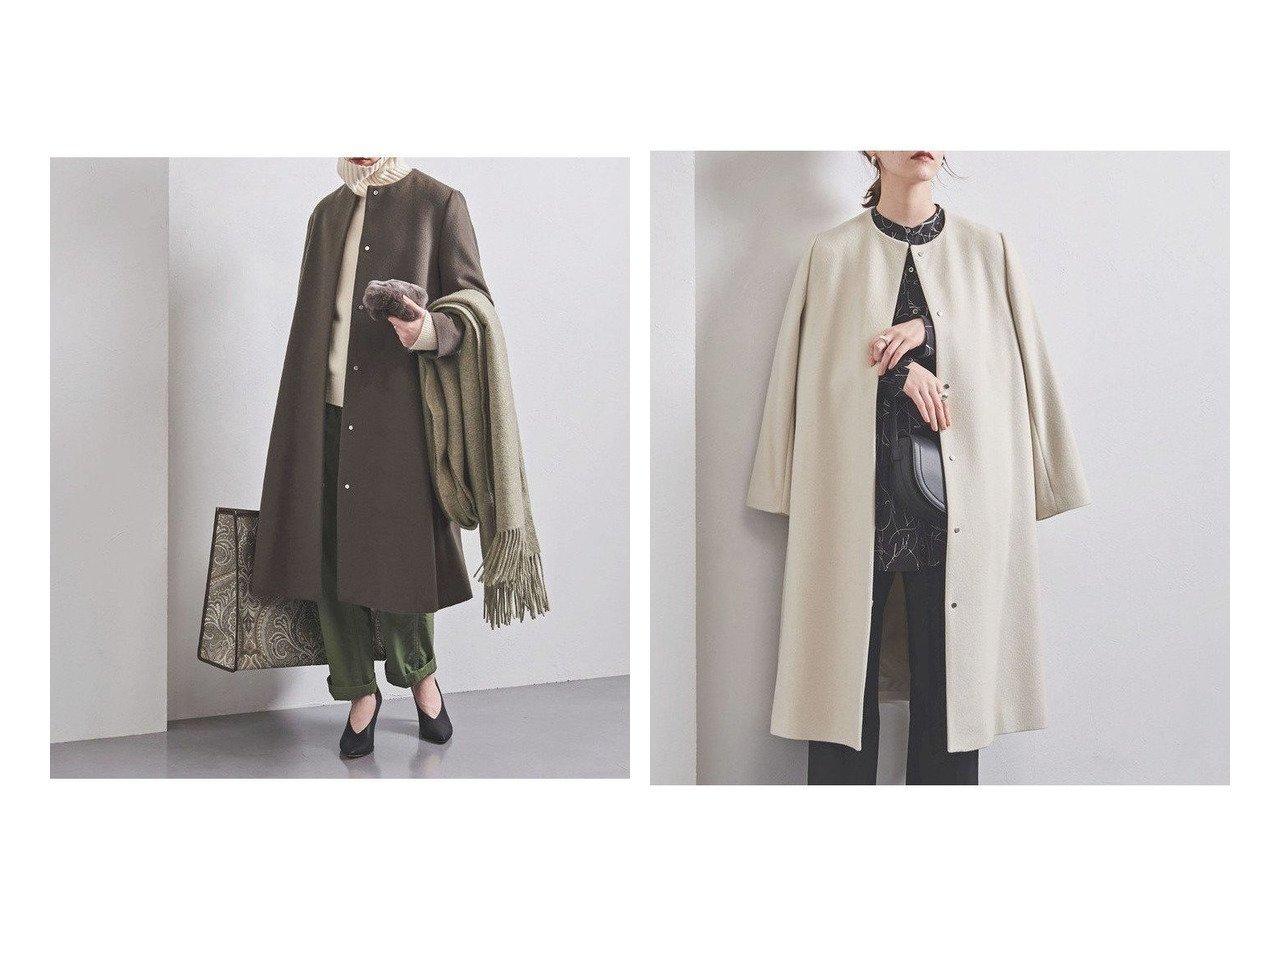 【UNITED ARROWS/ユナイテッドアローズ】のCA ベルライン コート† アウターのおすすめ!人気、レディースファッションの通販  おすすめで人気のファッション通販商品 インテリア・家具・キッズファッション・メンズファッション・レディースファッション・服の通販 founy(ファニー) https://founy.com/ ファッション Fashion レディース WOMEN アウター Coat Outerwear コート Coats インナー ロング 防寒 |ID:crp329100000002335